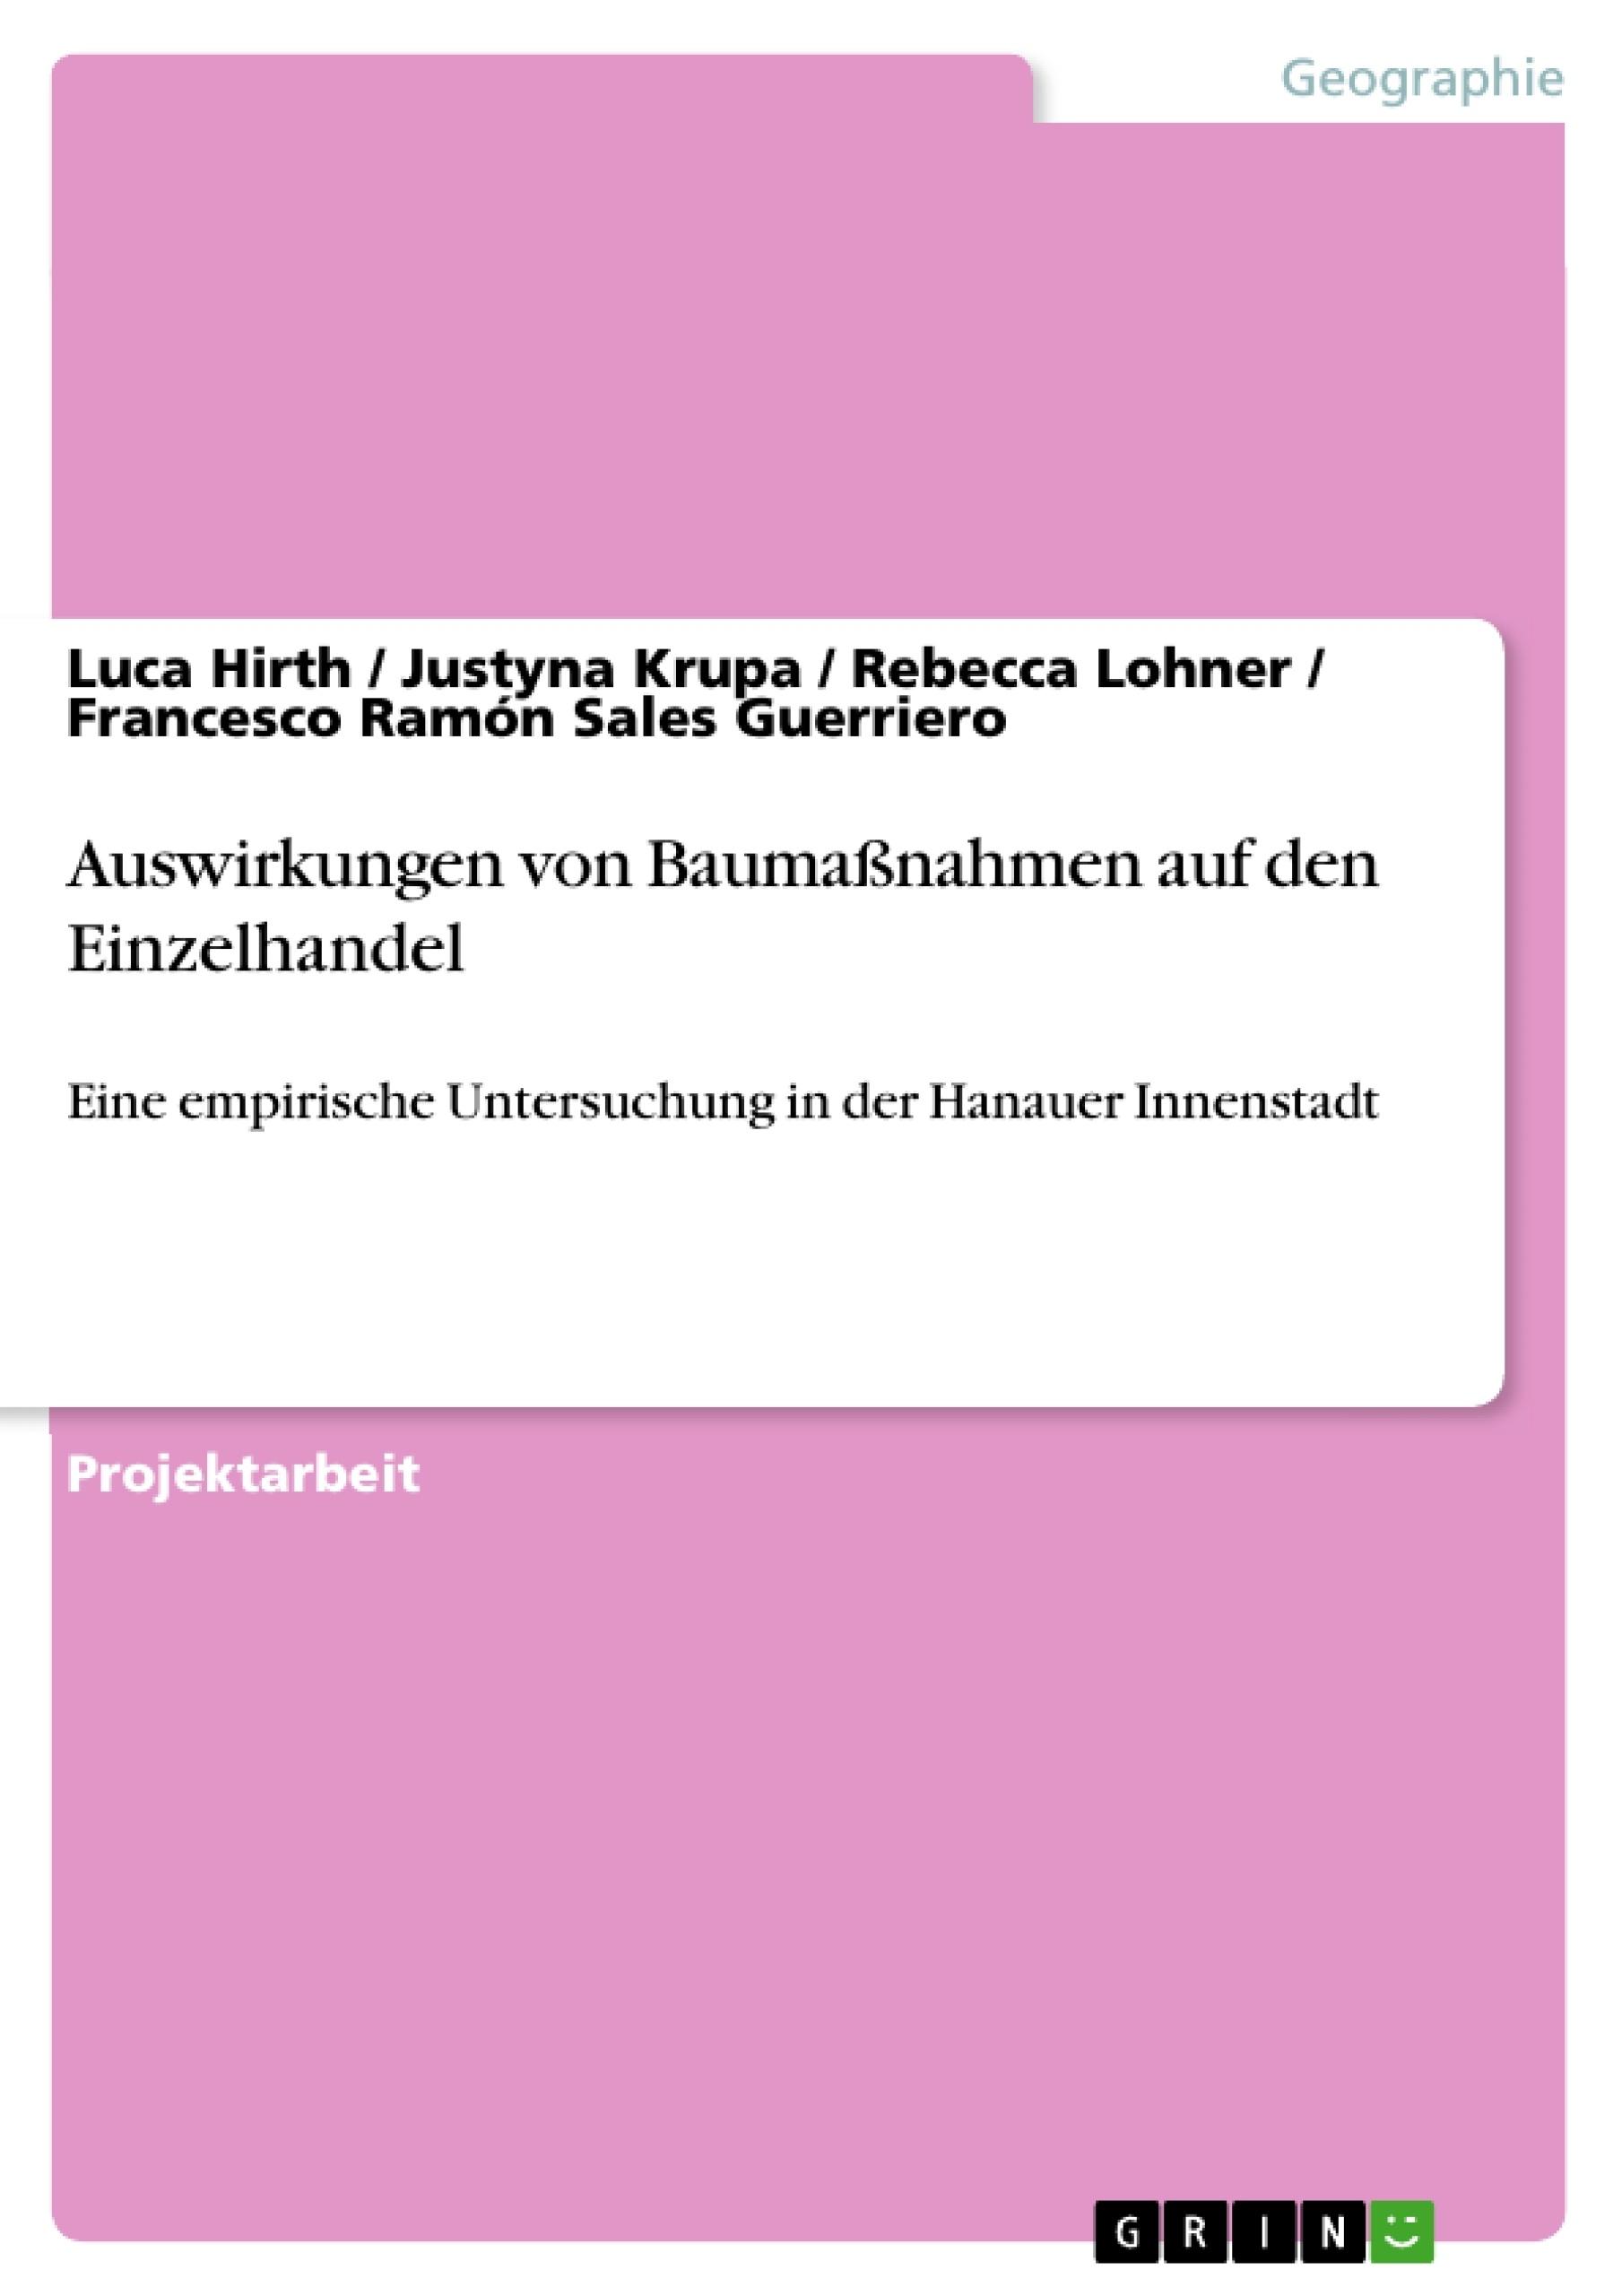 Titel: Auswirkungen von Baumaßnahmen auf den Einzelhandel